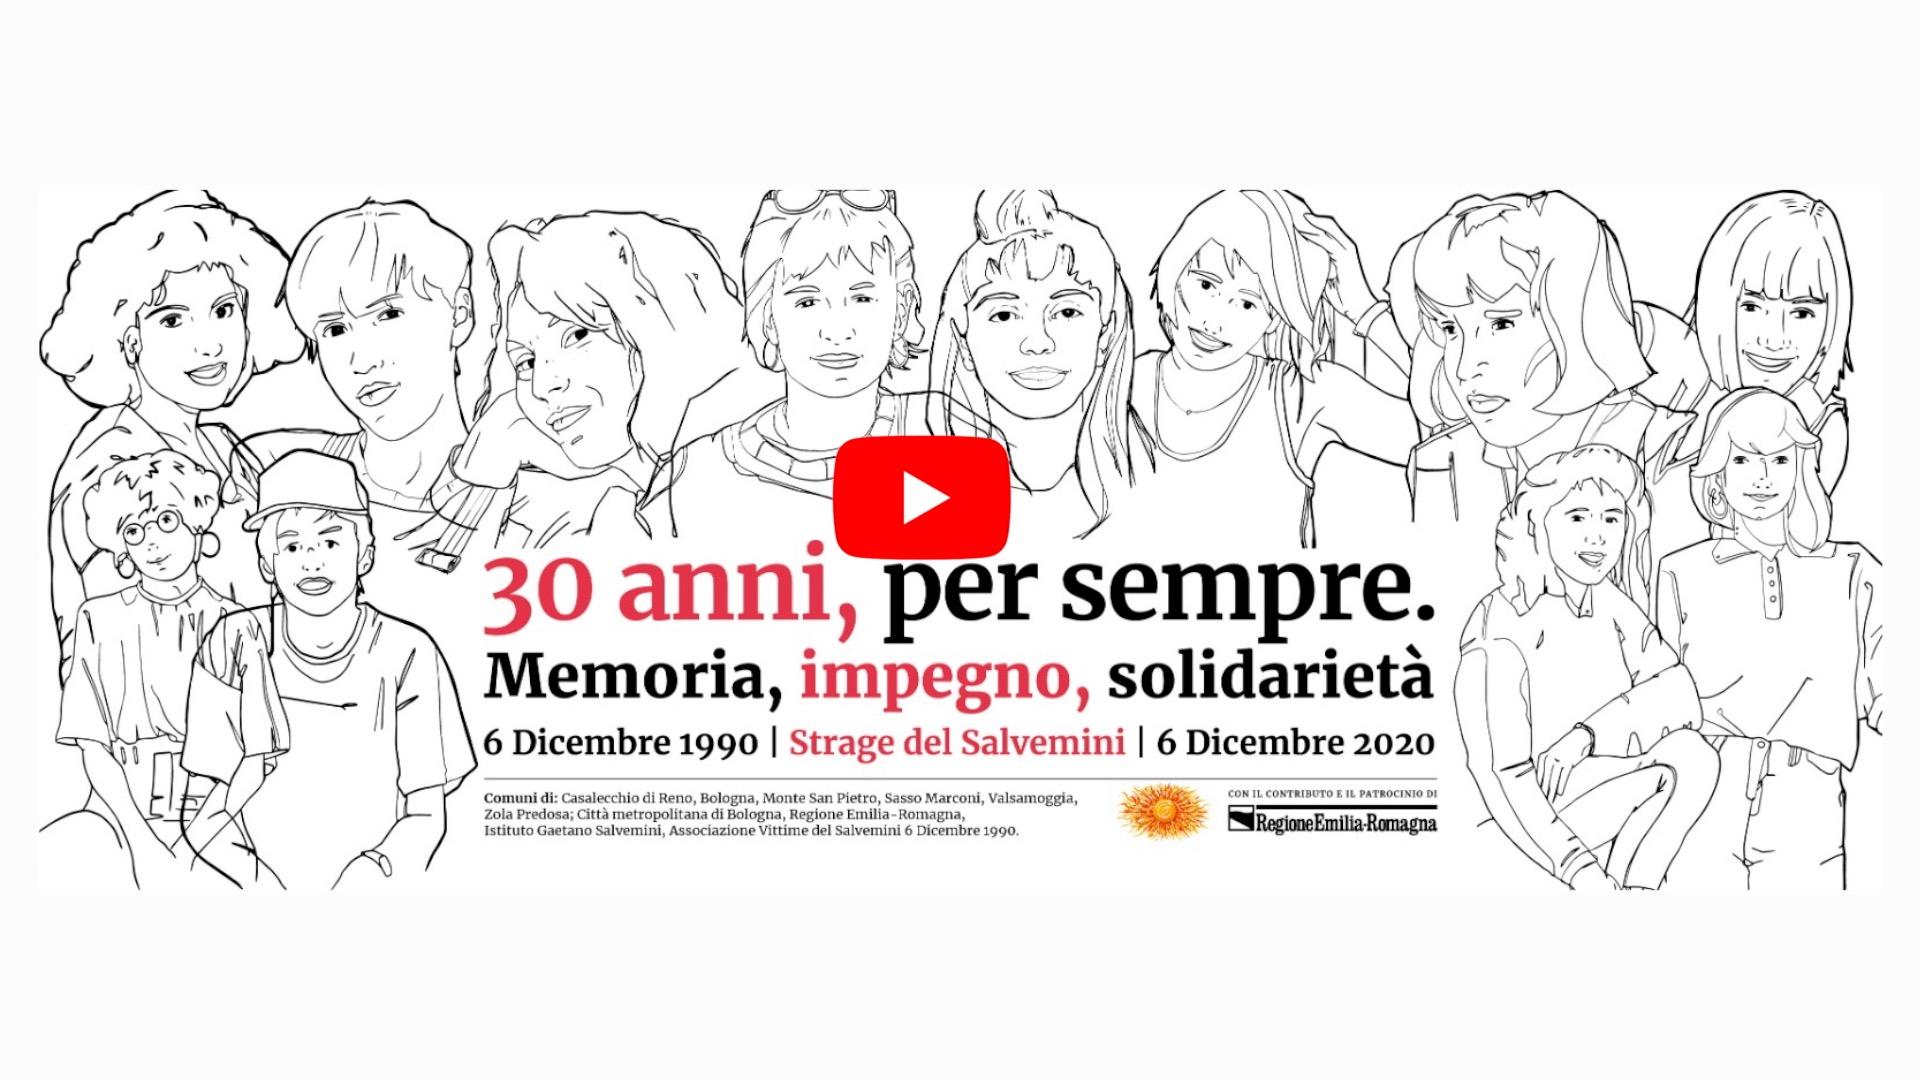 Strage del Salvemini, 30 anni per sempre: memoria, impegno, solidarietà